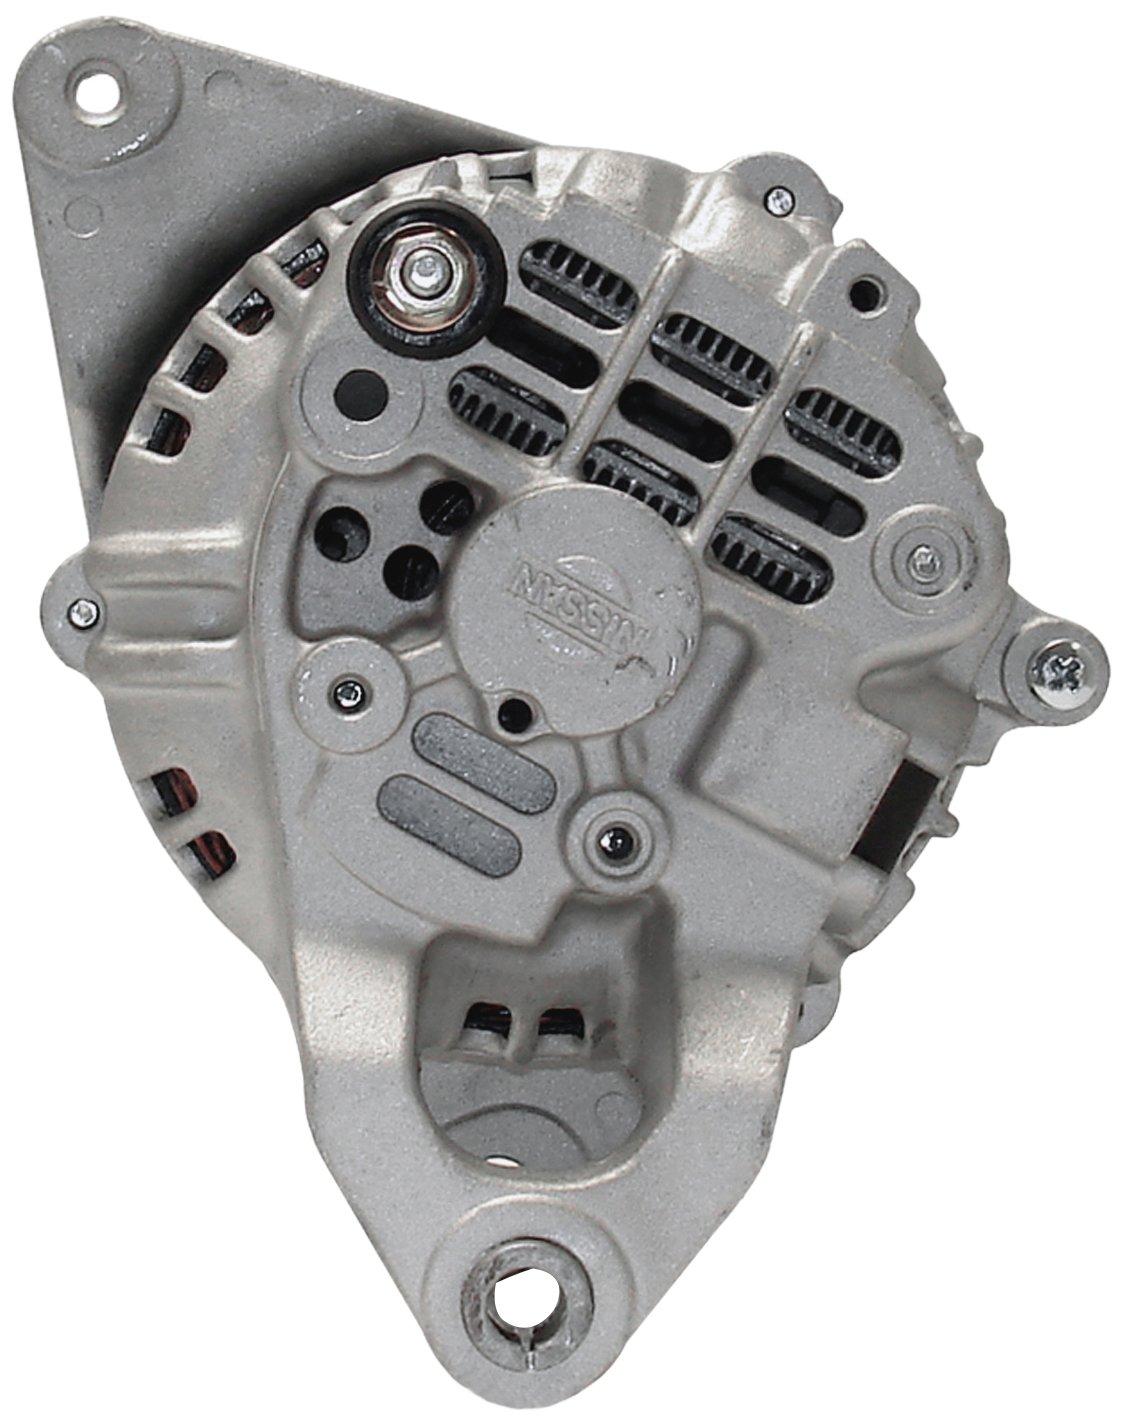 Remanufactured Quality-Built 14979 Premium Alternator